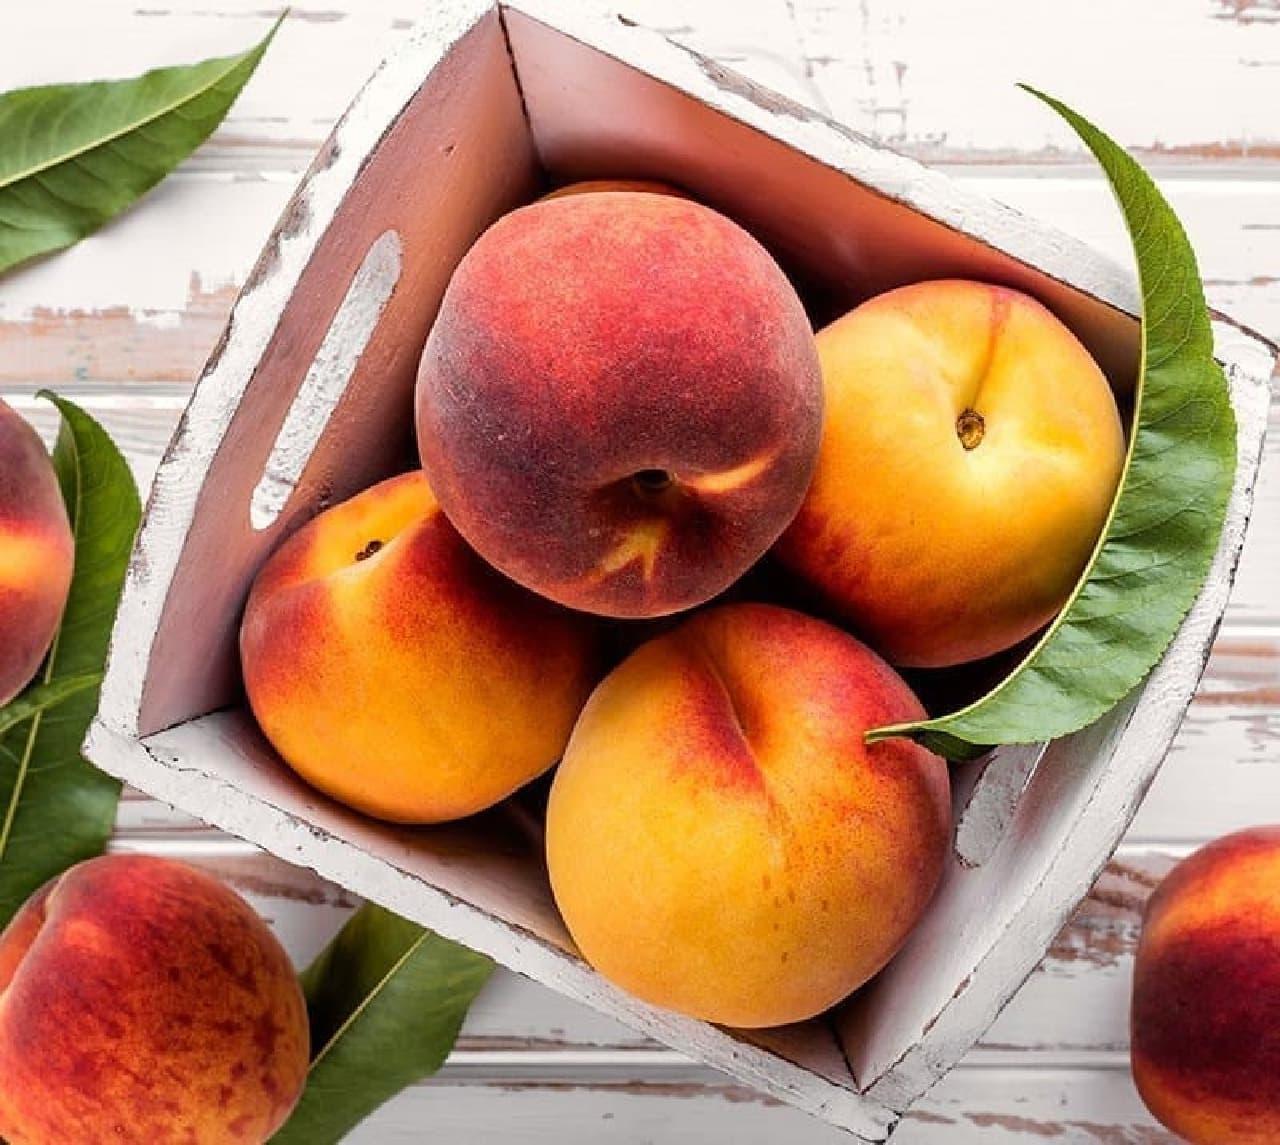 桃は食べても太らない?おいしい桃の見分け方